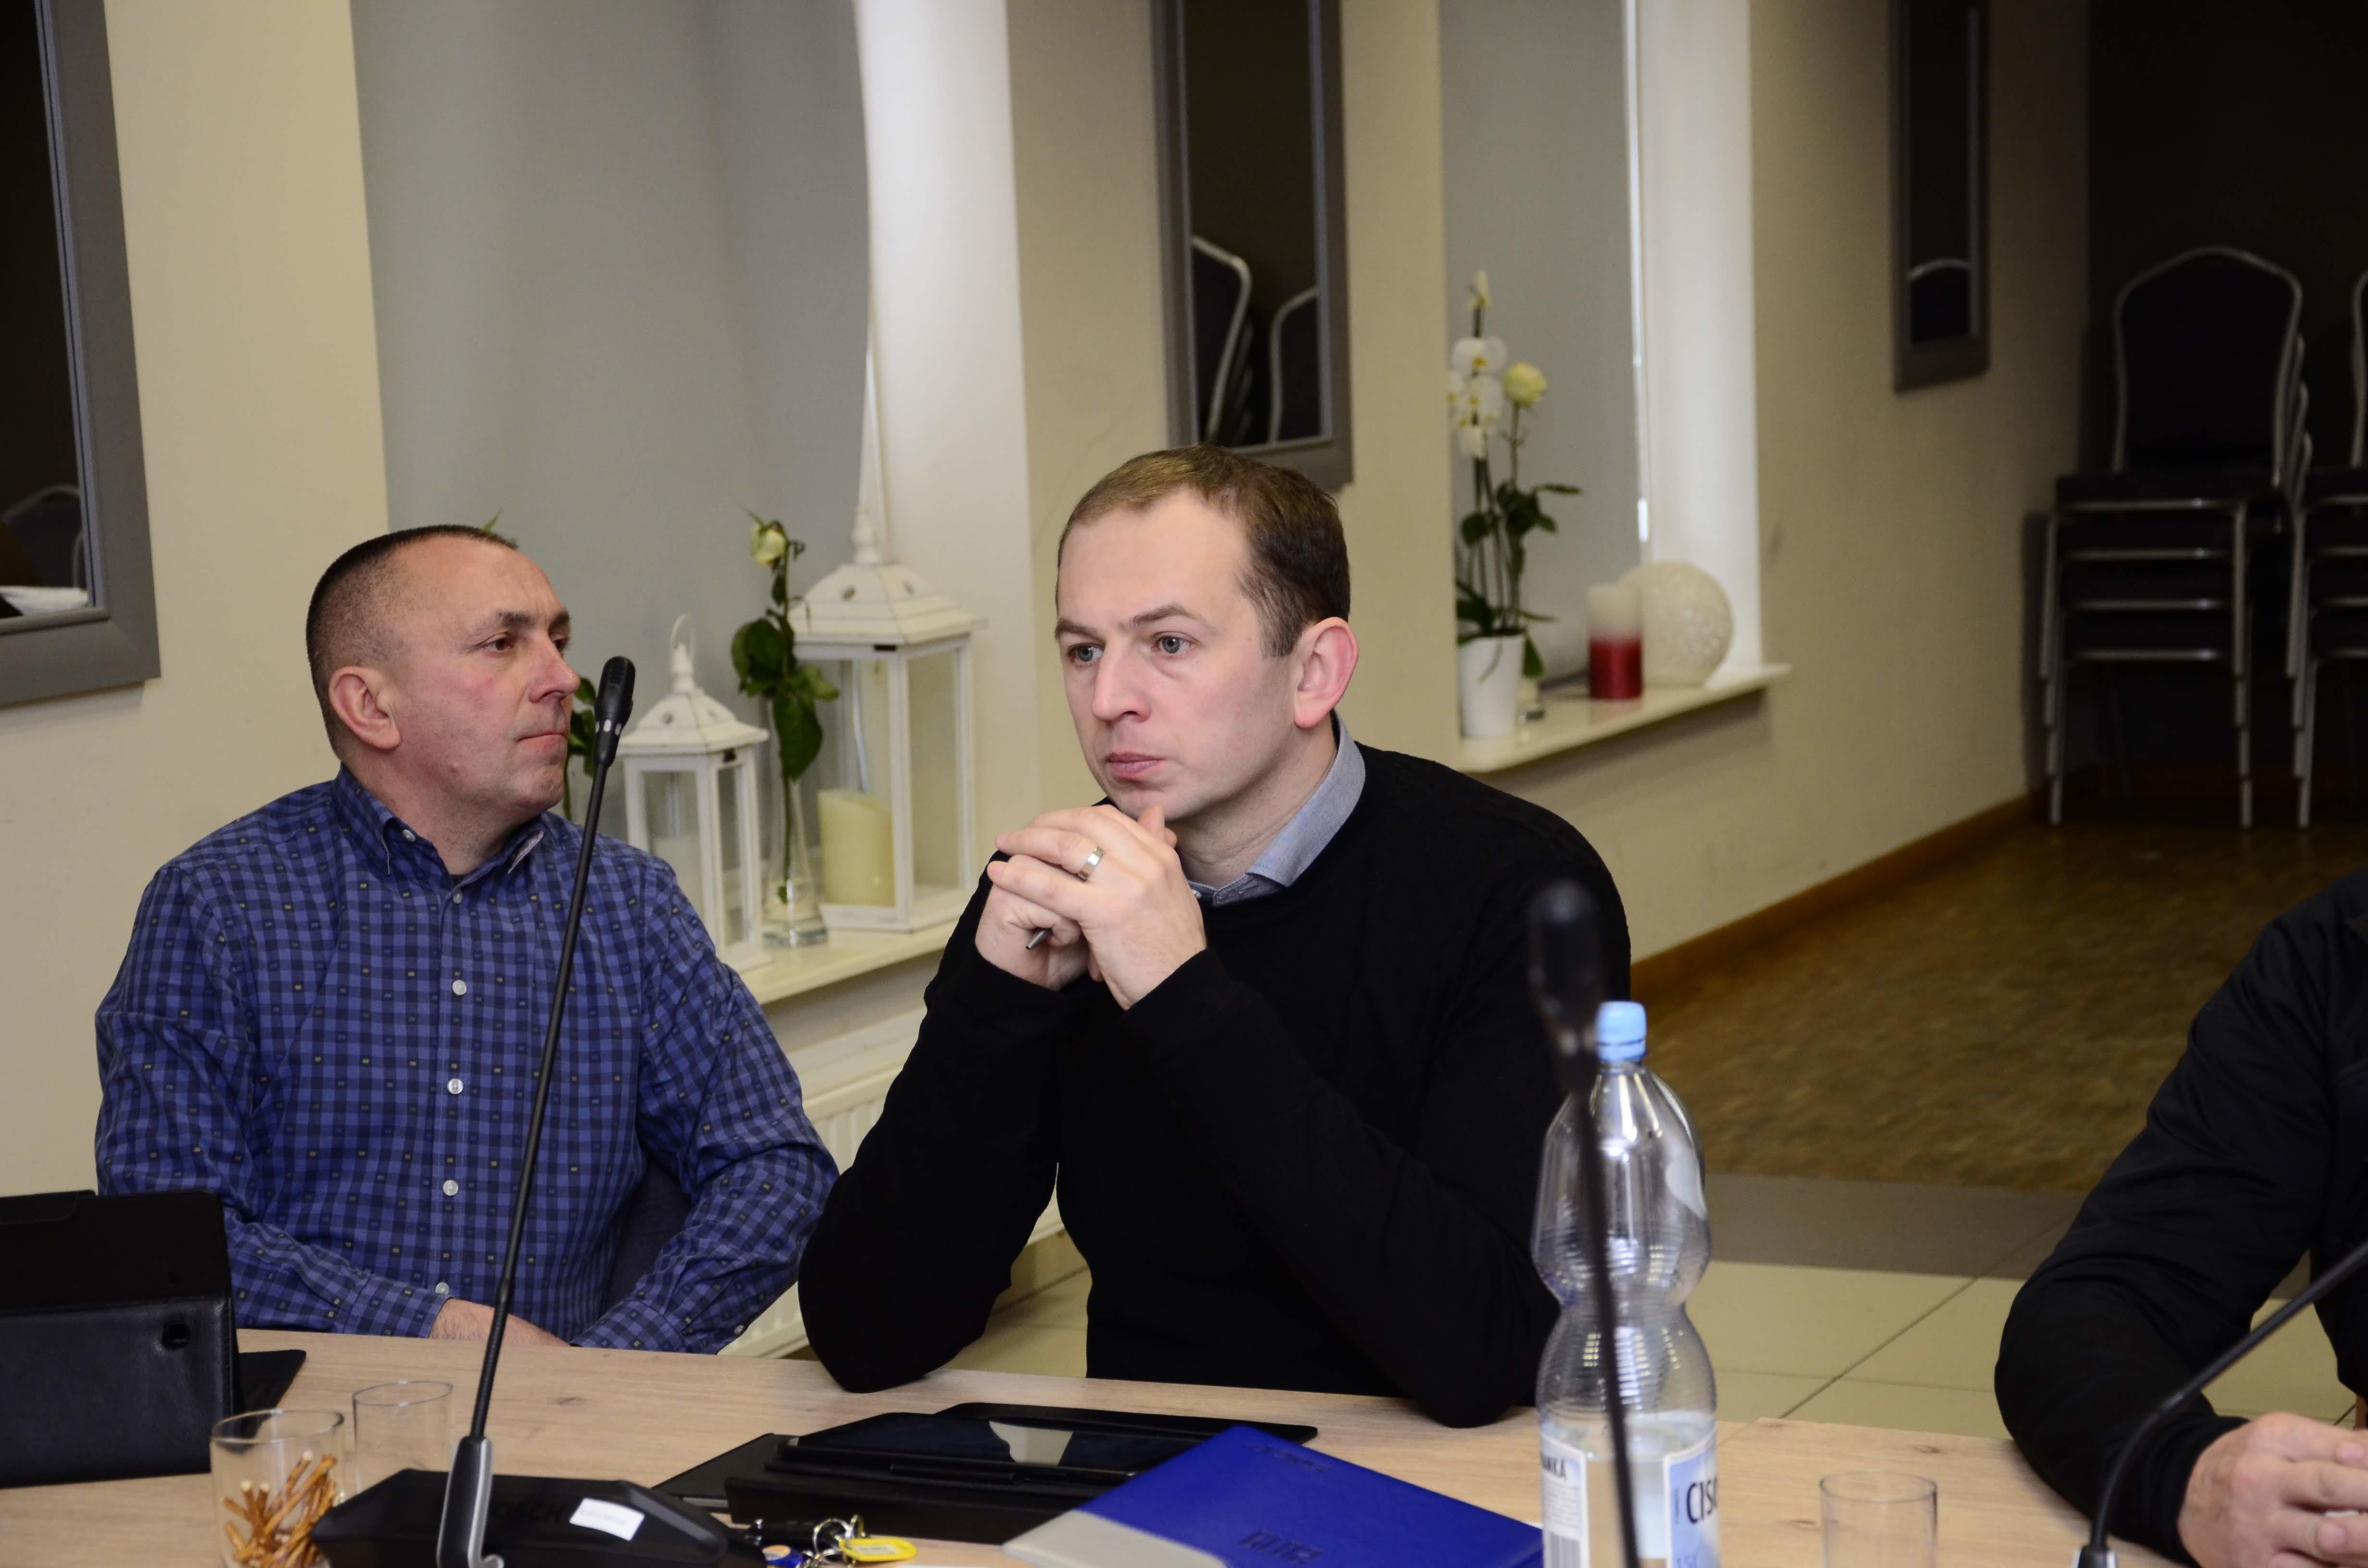 Radny Michał Karkut podsuwa pomysł, aby polączyć dwie ulice w jedną  - Zdjęcie główne